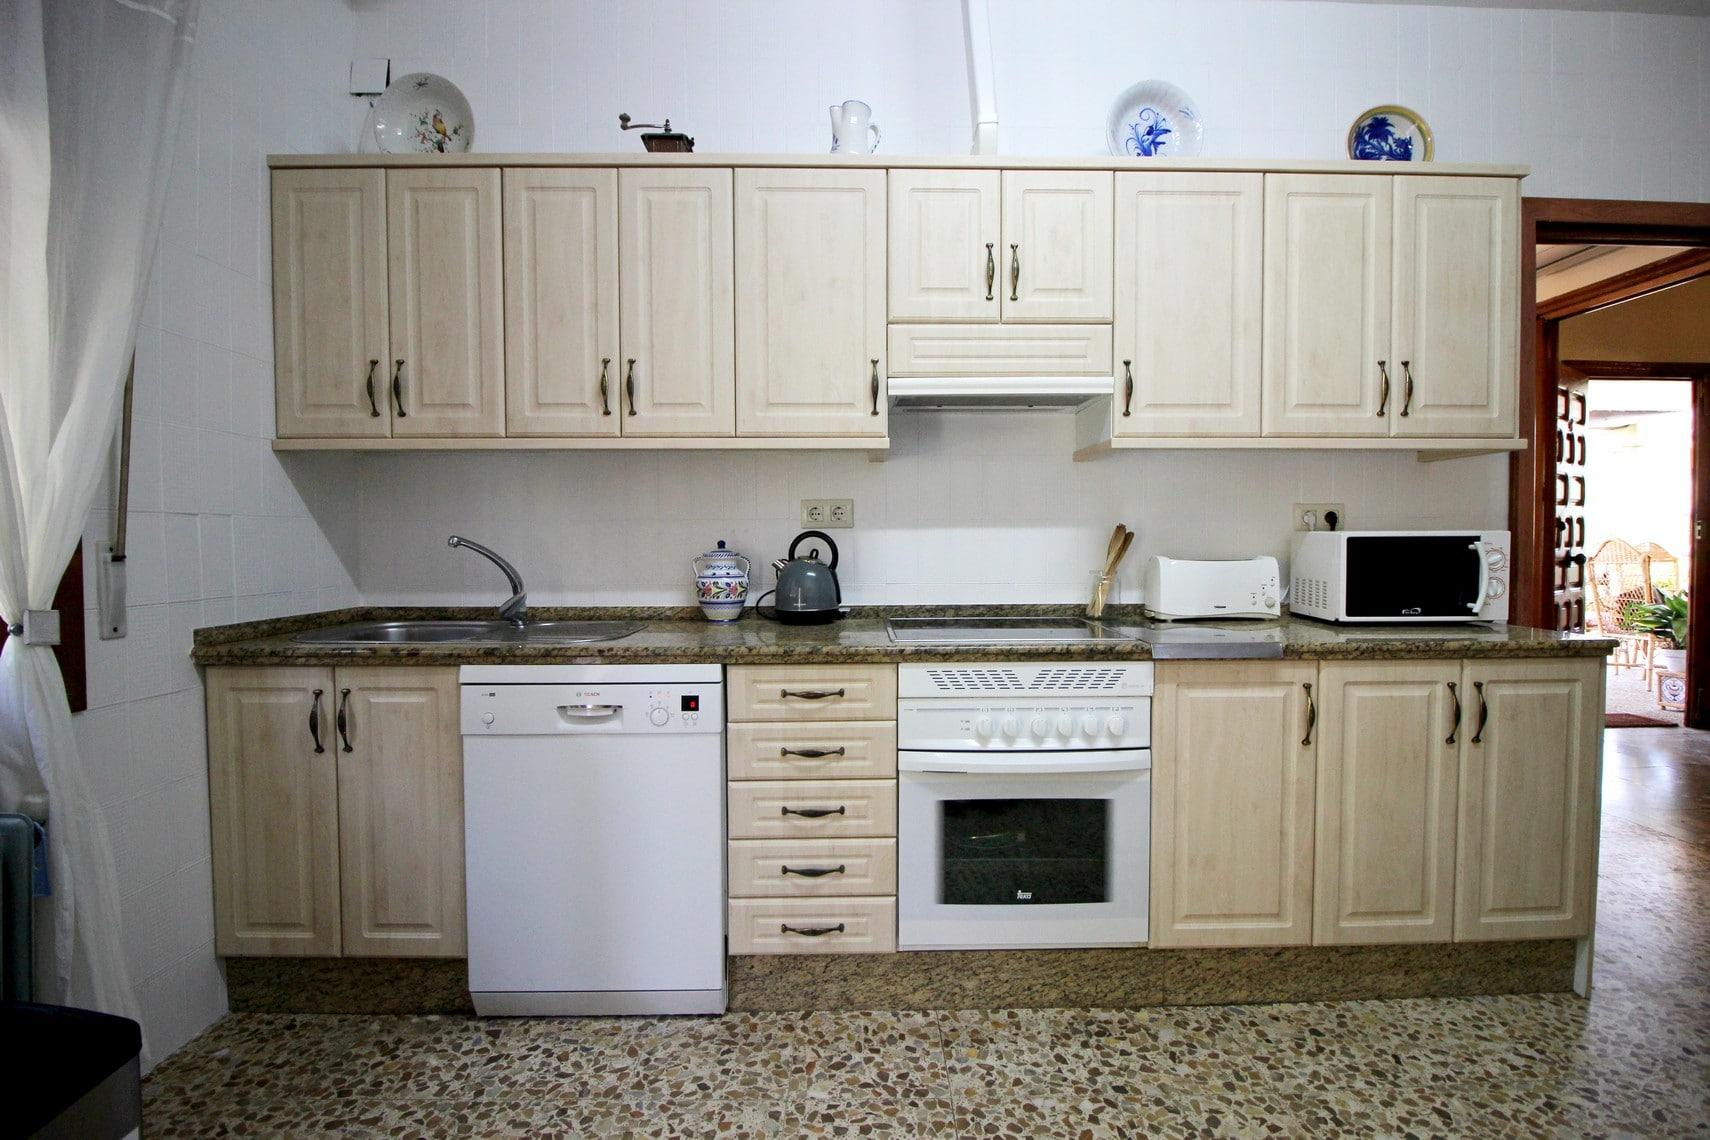 cocina_las_hazas_jarandilla0014